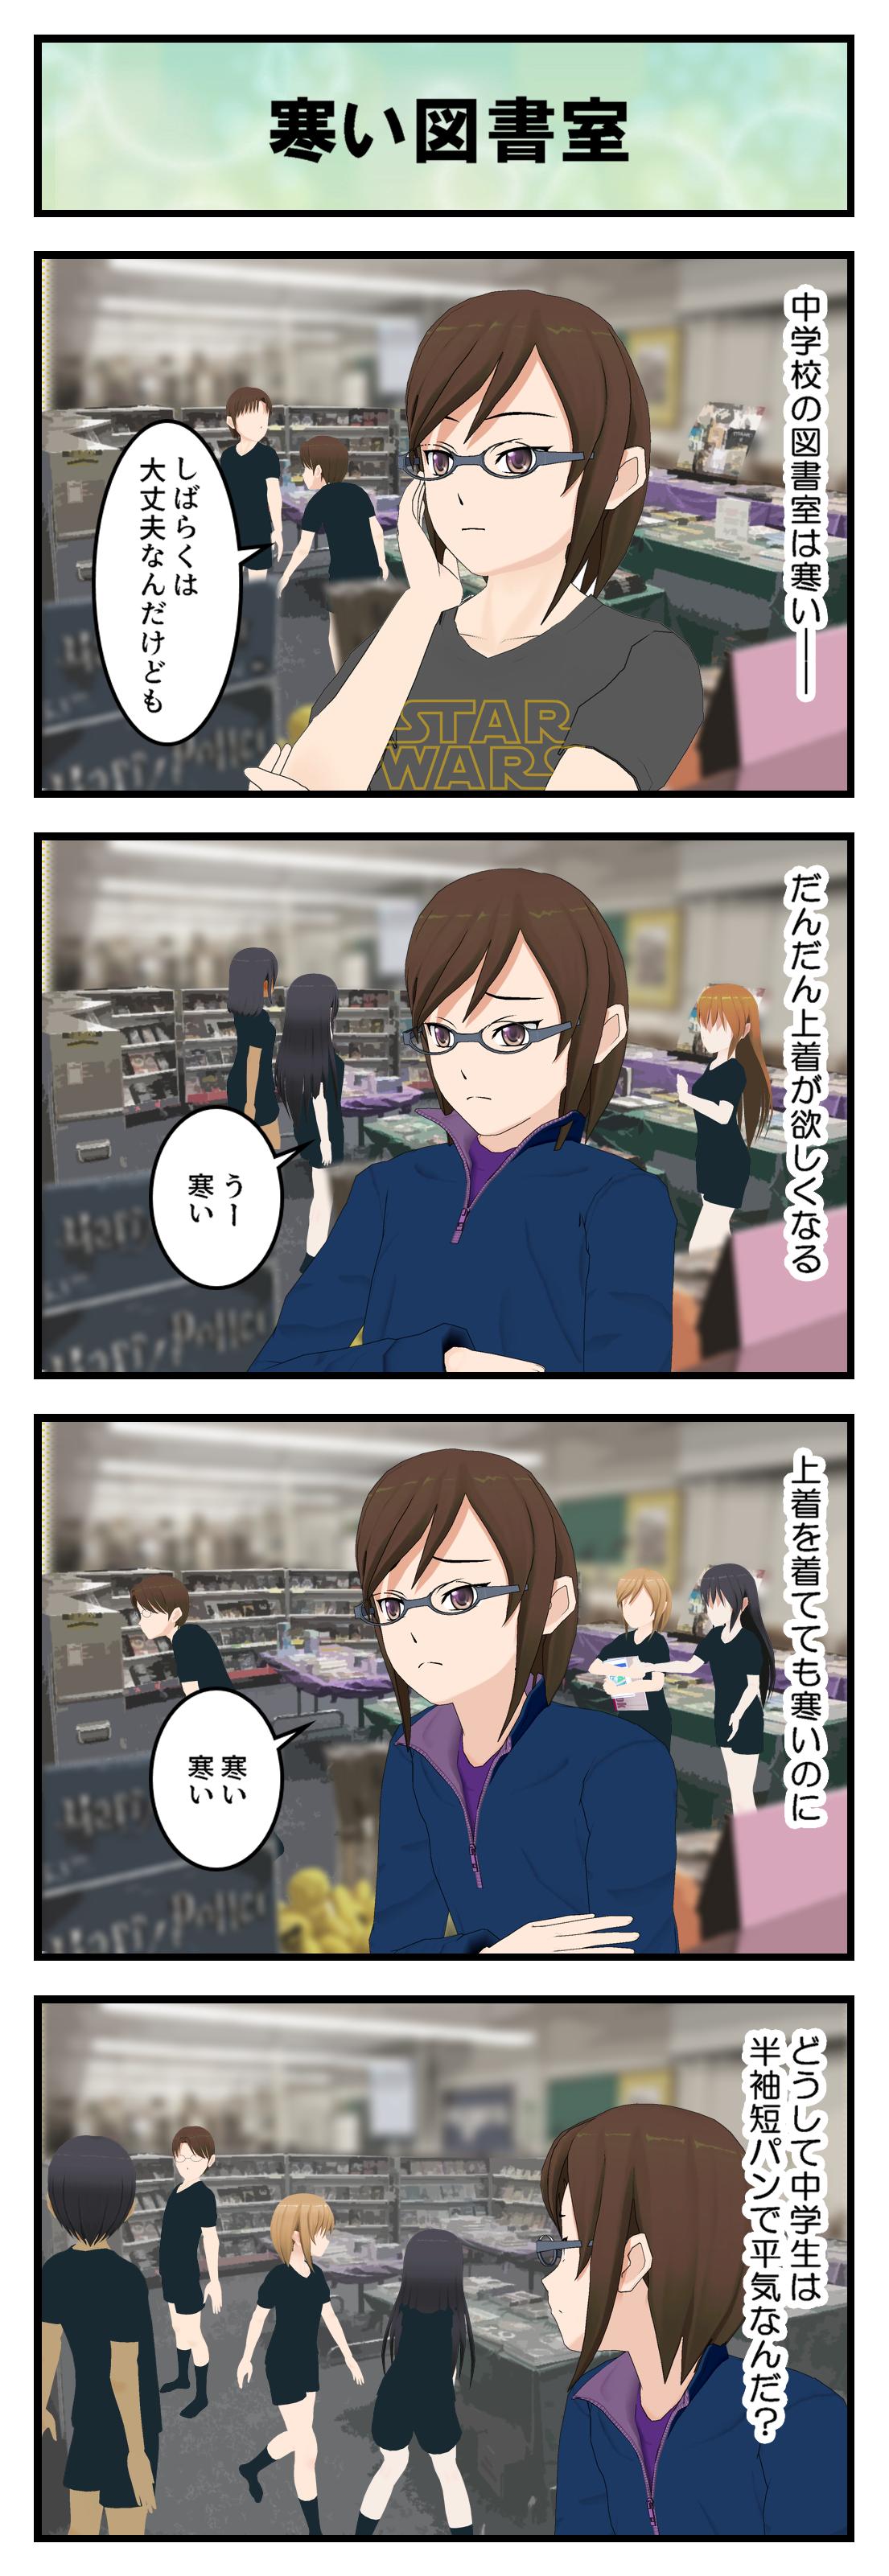 R192_図書室寒い_001